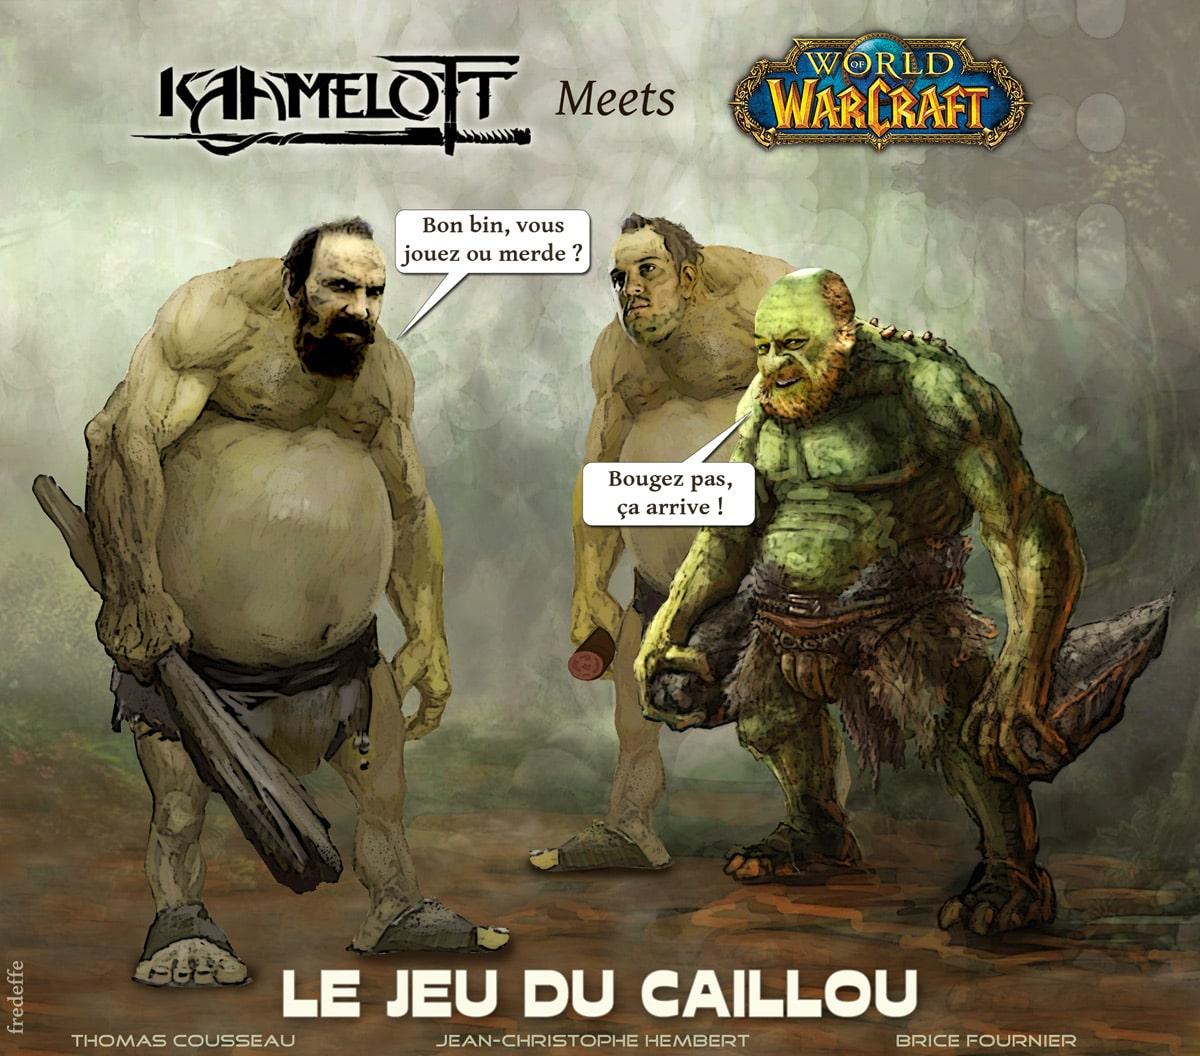 kaamelott_serie_tele_detournement_humour_legendes_arthuriennes_merchandising_non_sens